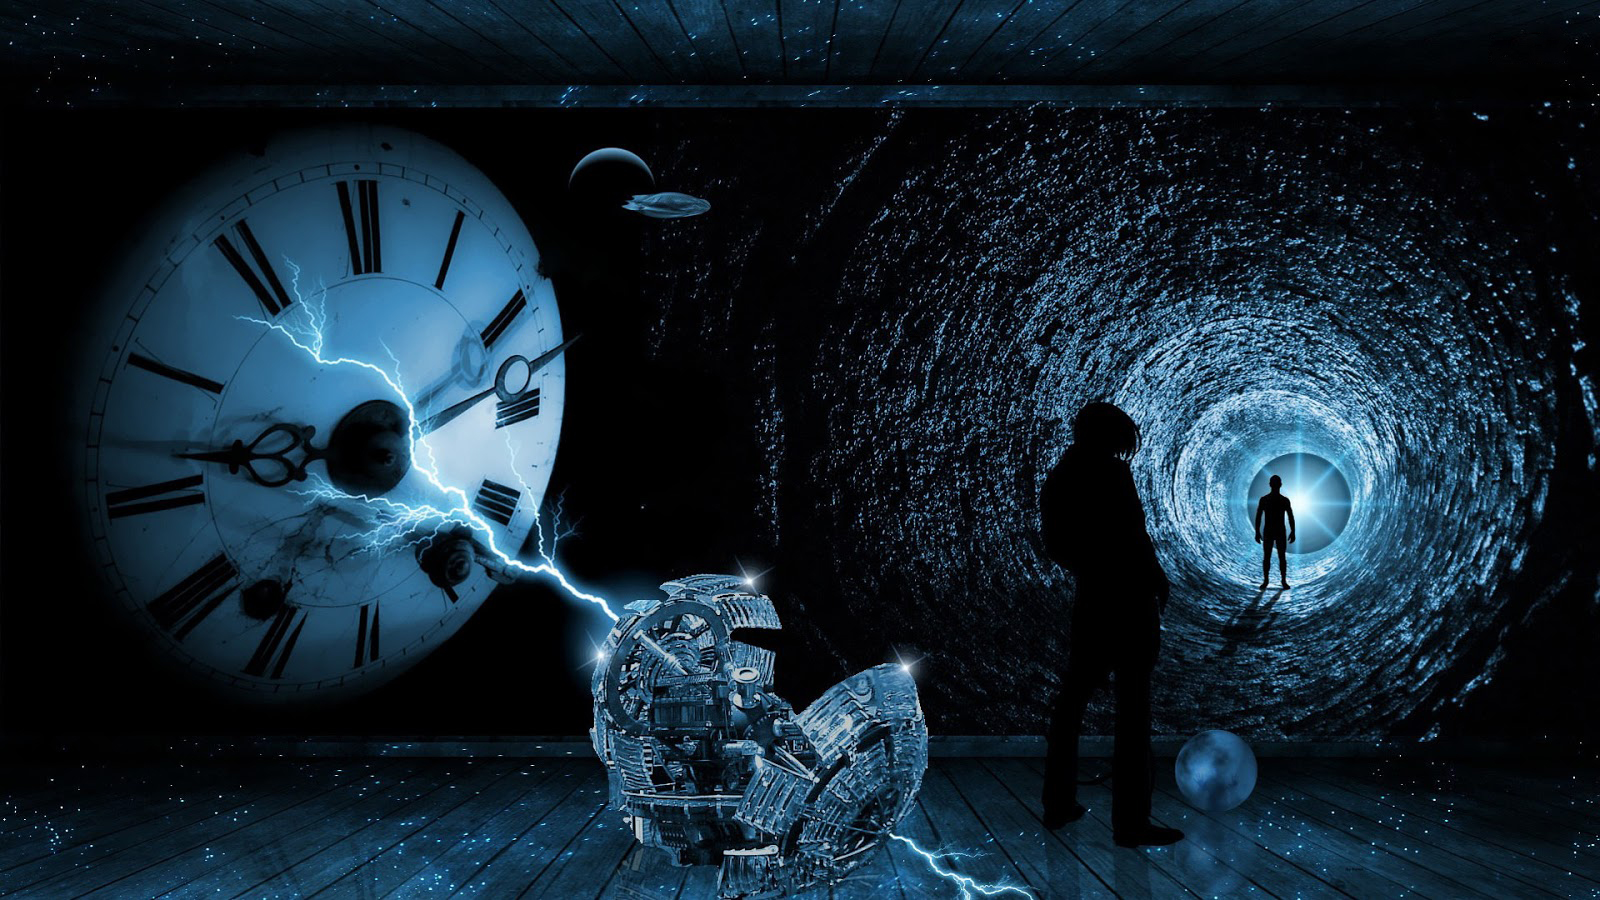 viaje-en-el-tiempo.jpg